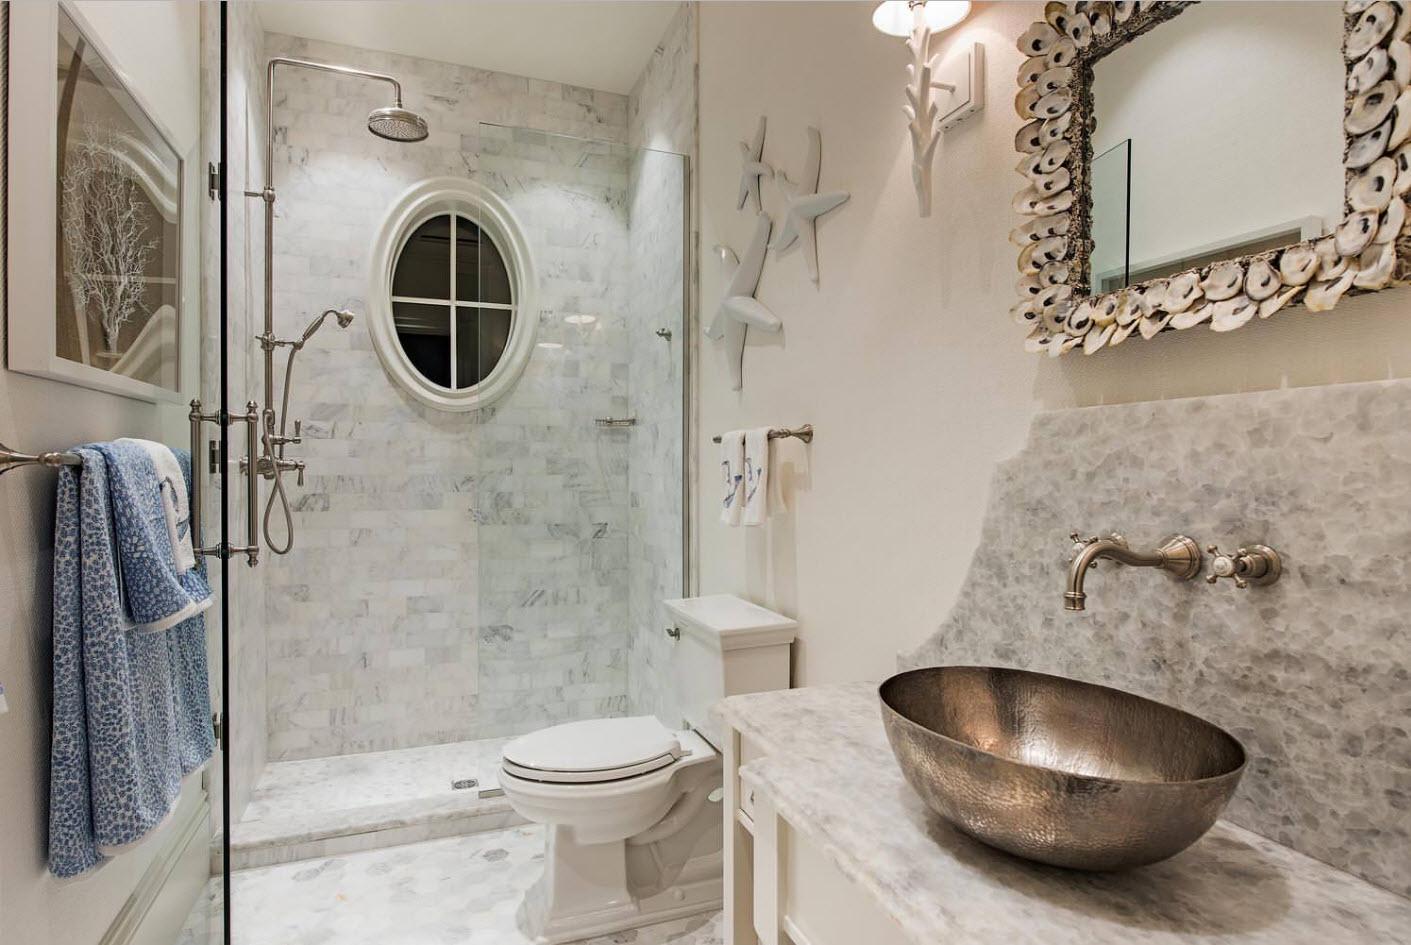 douche dans la salle de bain